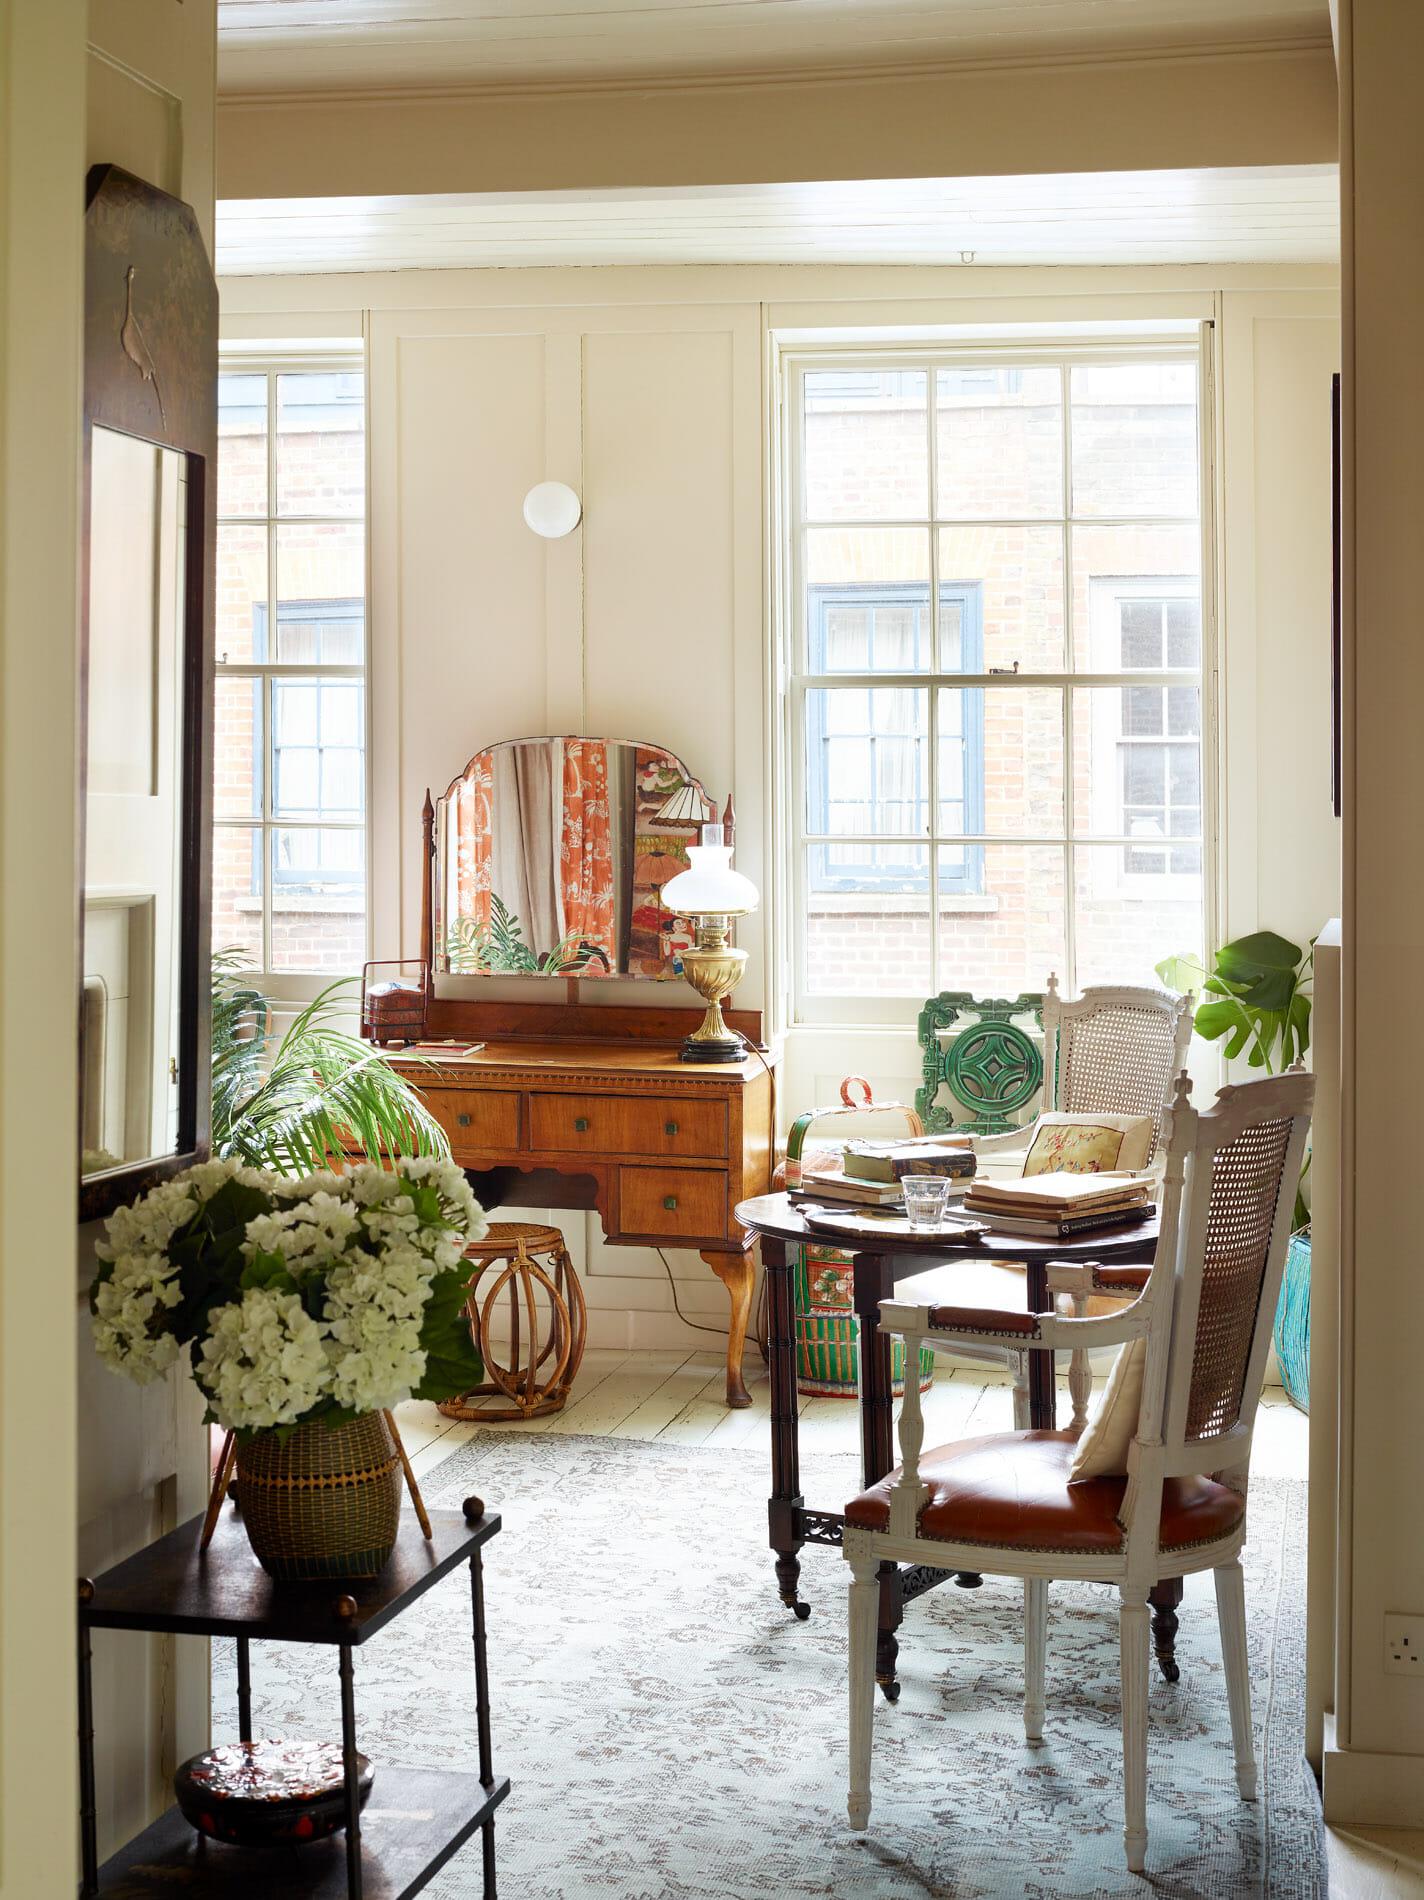 rachael-smith-interiors-14122019-108-1